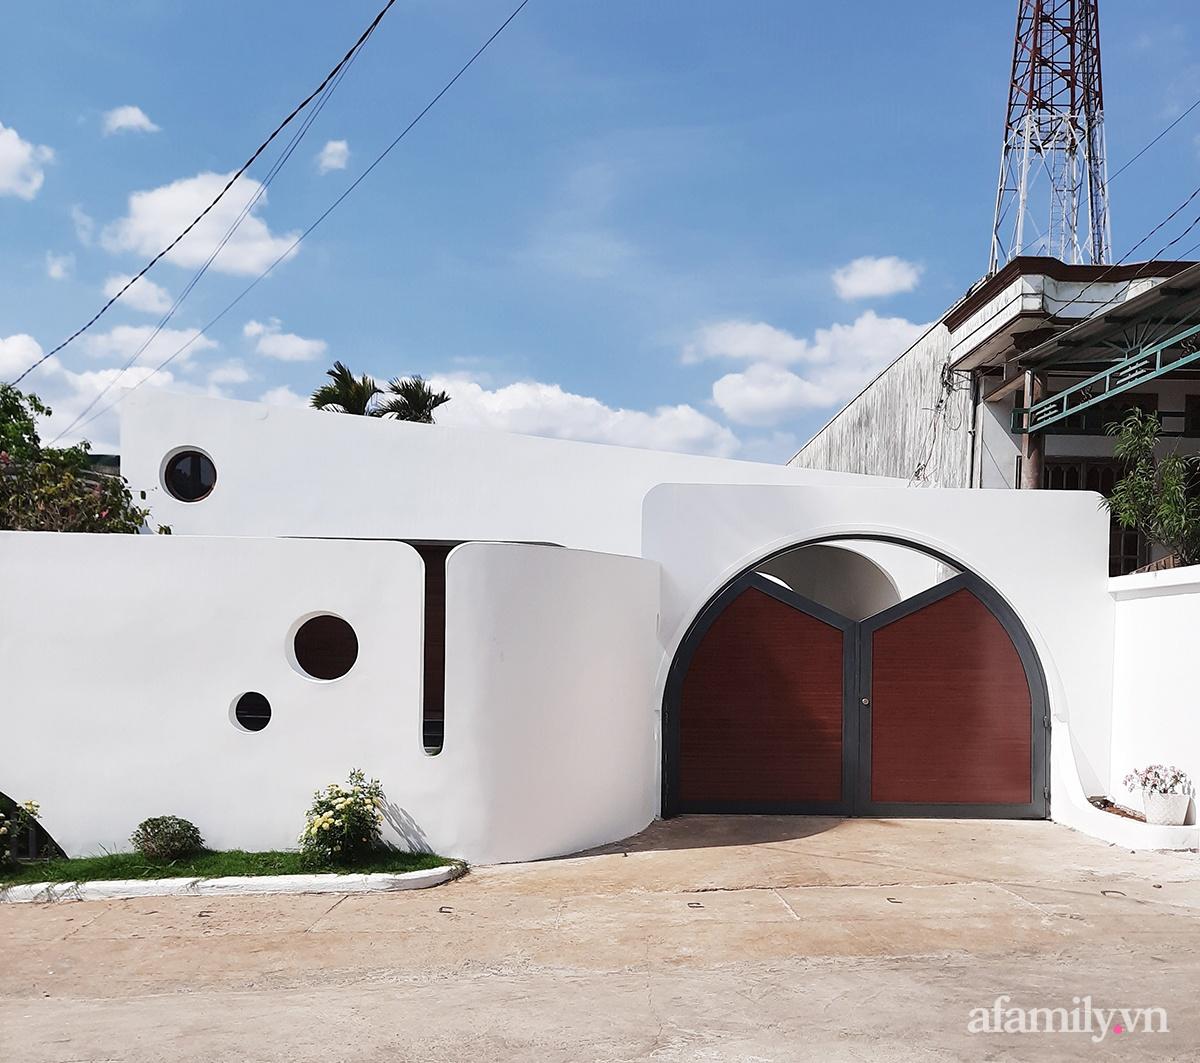 7 3 16026018460871733661832 - Với chi phí 1 tỷ đồng, cặp vợ chồng trẻ Đắk Lắk xây ngôi nhà mơ ước với những đường cong đẹp ngất ngây